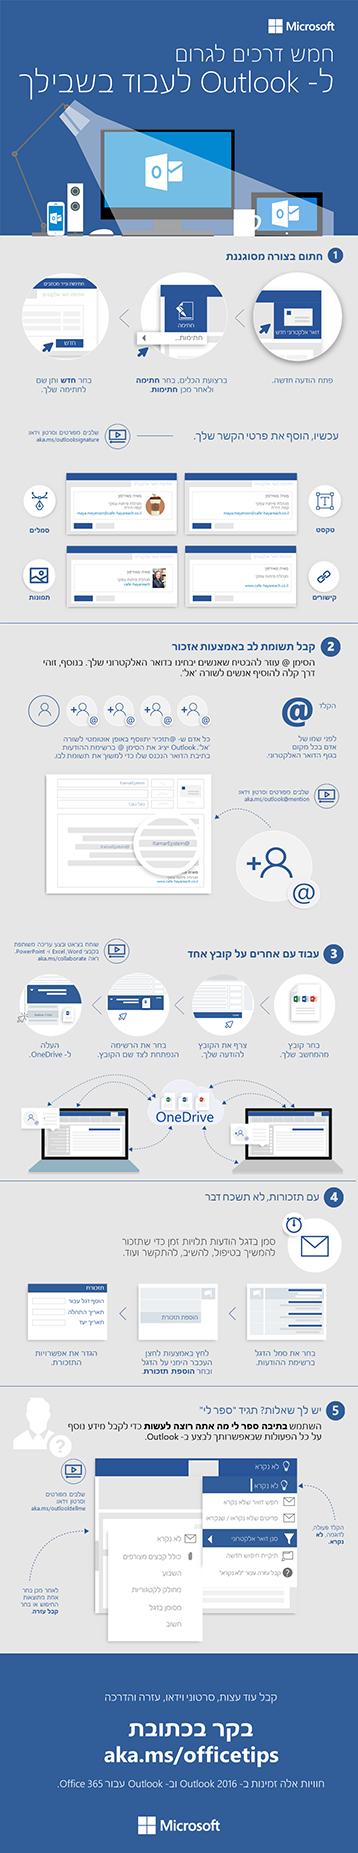 """5 שלבים לדואר אלקטרוני """"שמח"""" יותר ב- Outlook 2016"""